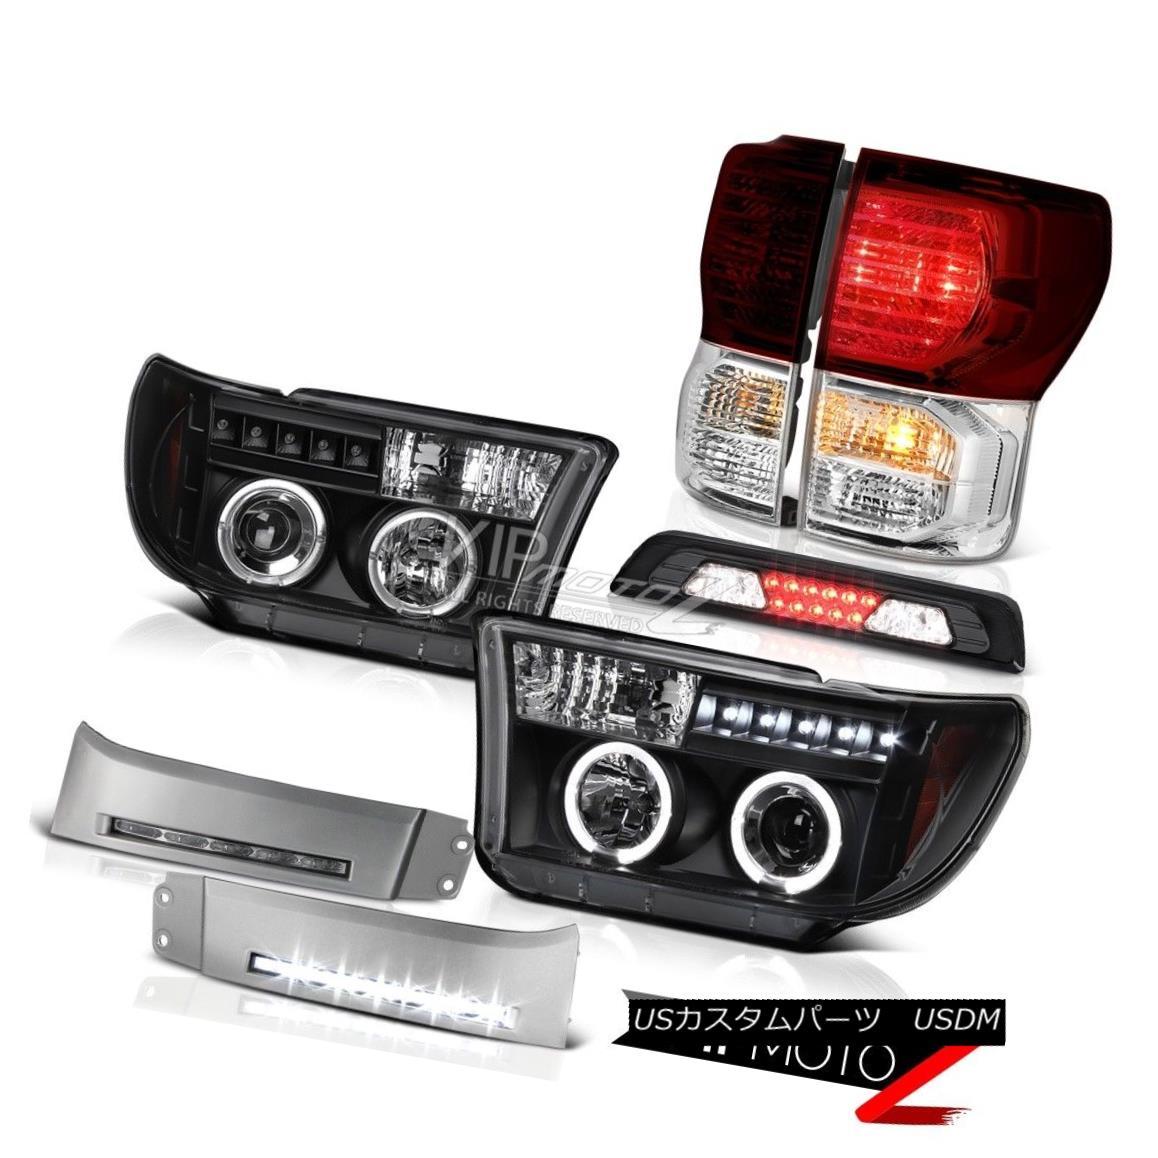 ヘッドライト 07-13 Toyota Tundra SR5 DRL Strip 3RD Brake Lamp Taillamps Headlamps Assembly 07-13トヨタトンドラSR5 DRLストリップ3RDブレーキランプタイヤランプヘッドランプアセンブリ